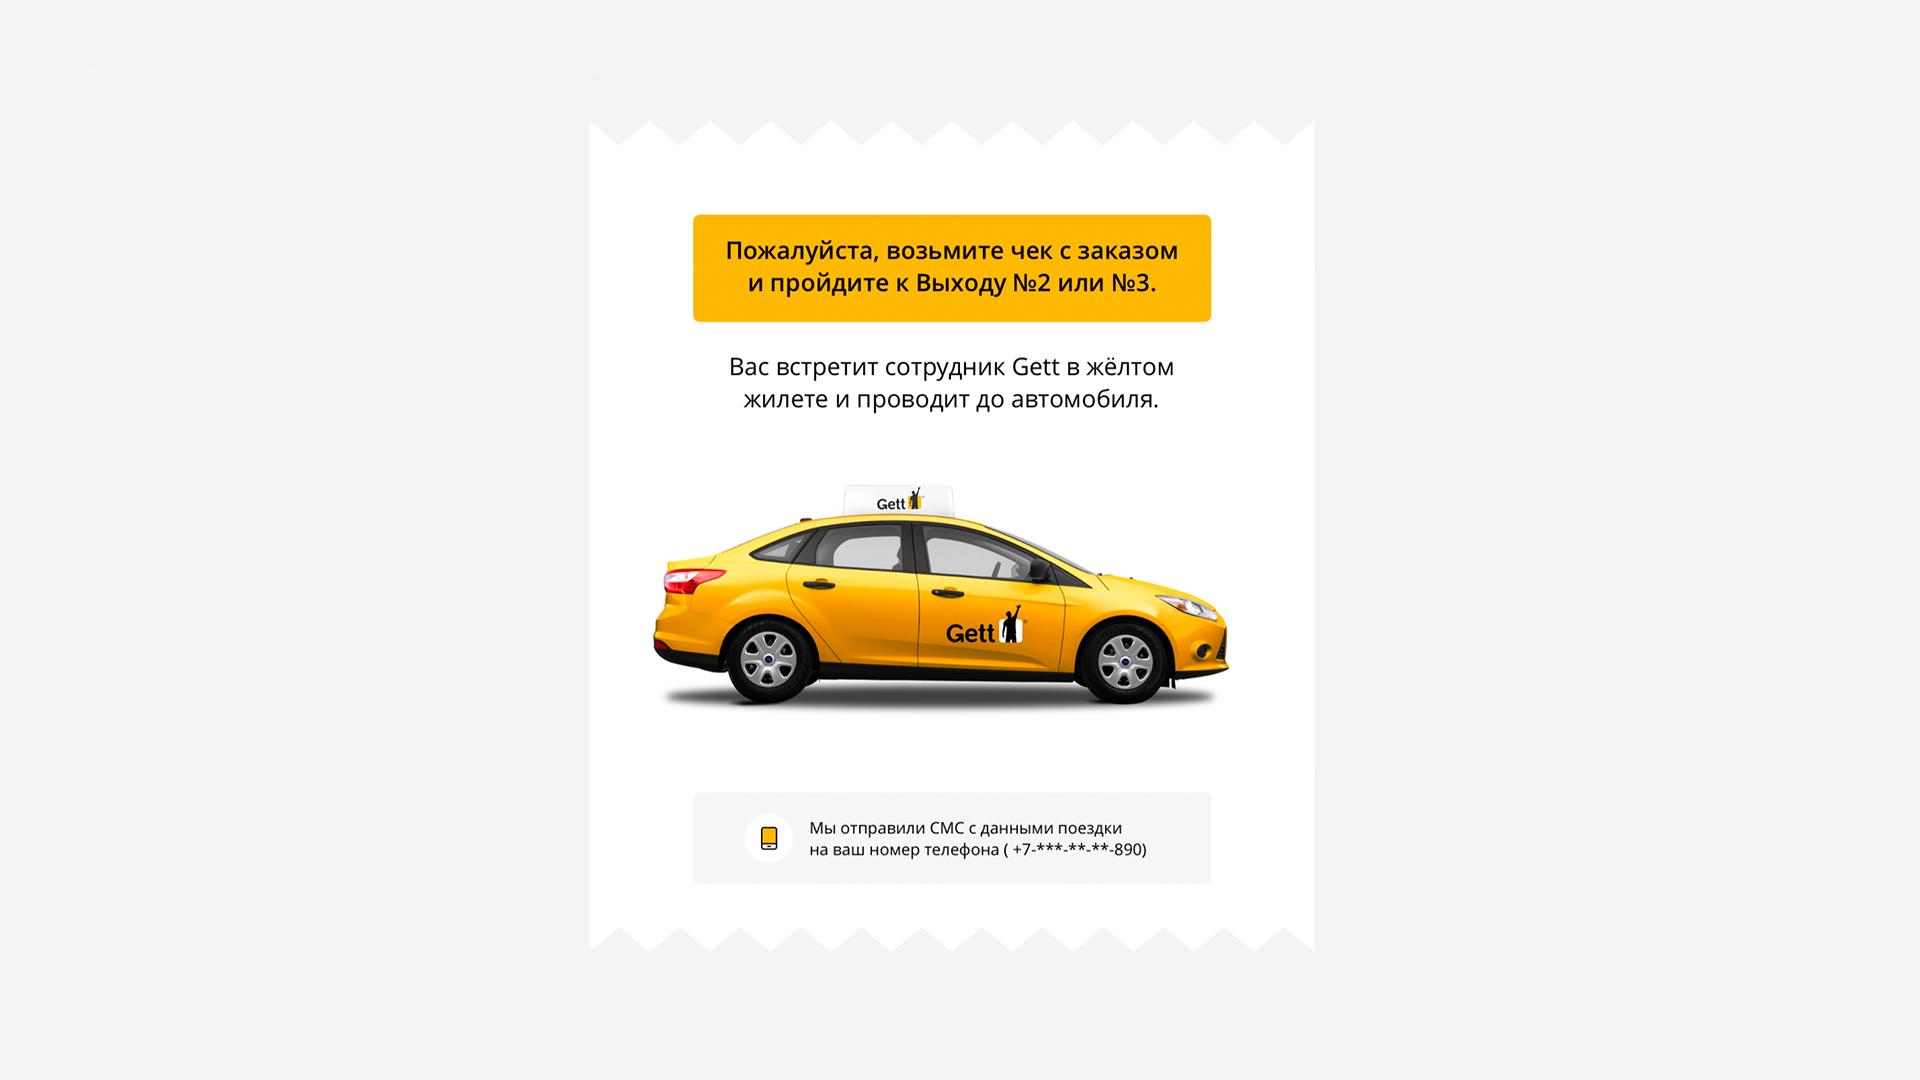 Киоск для заказа такси в аэропорту